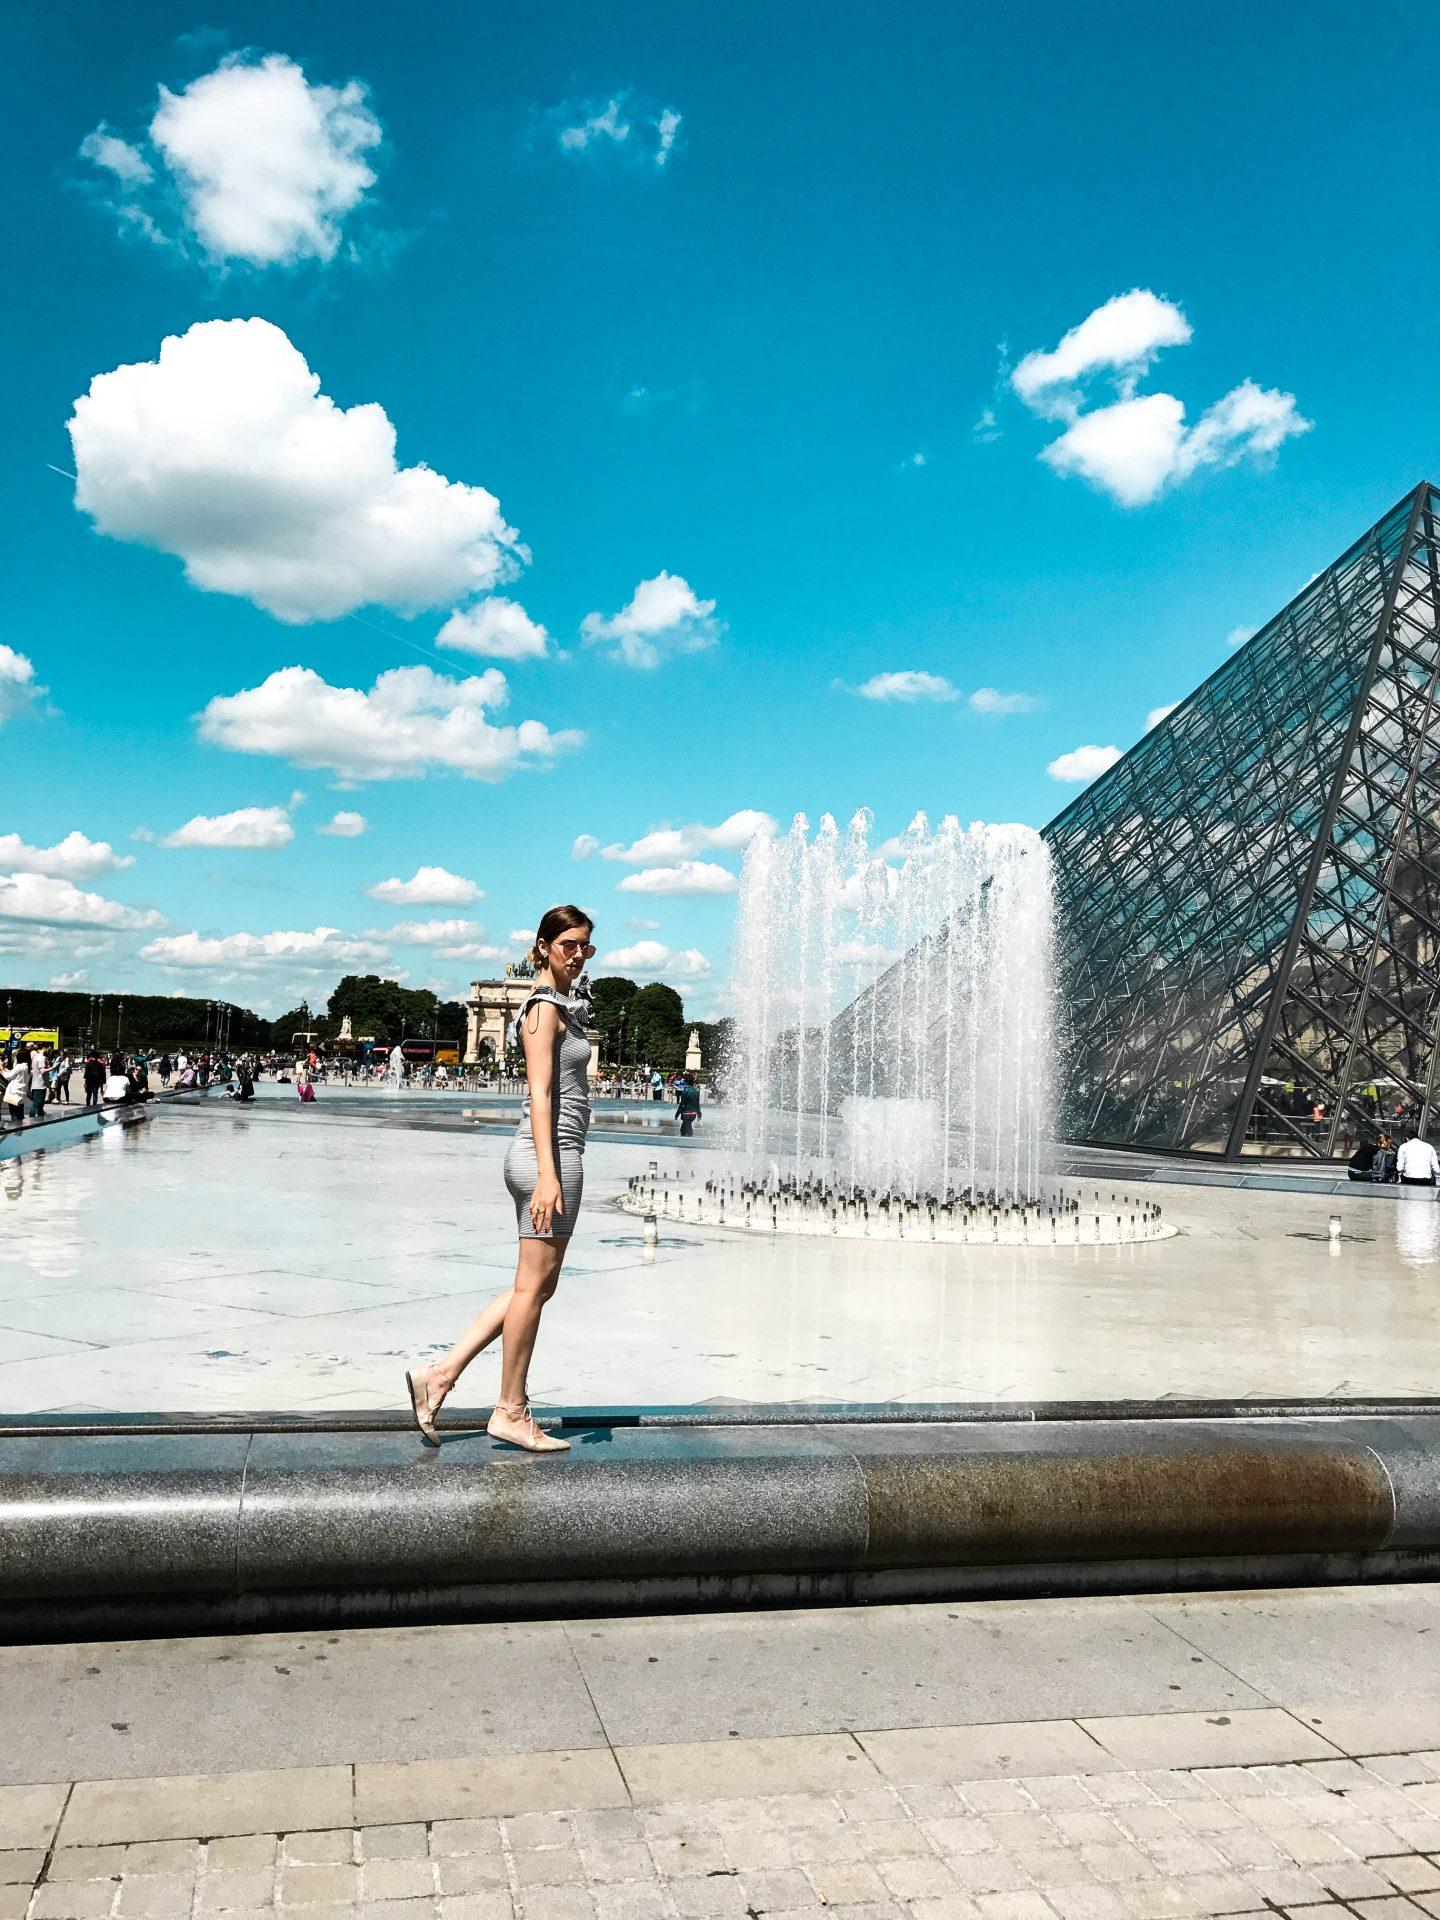 Paris: Most instagrammable places